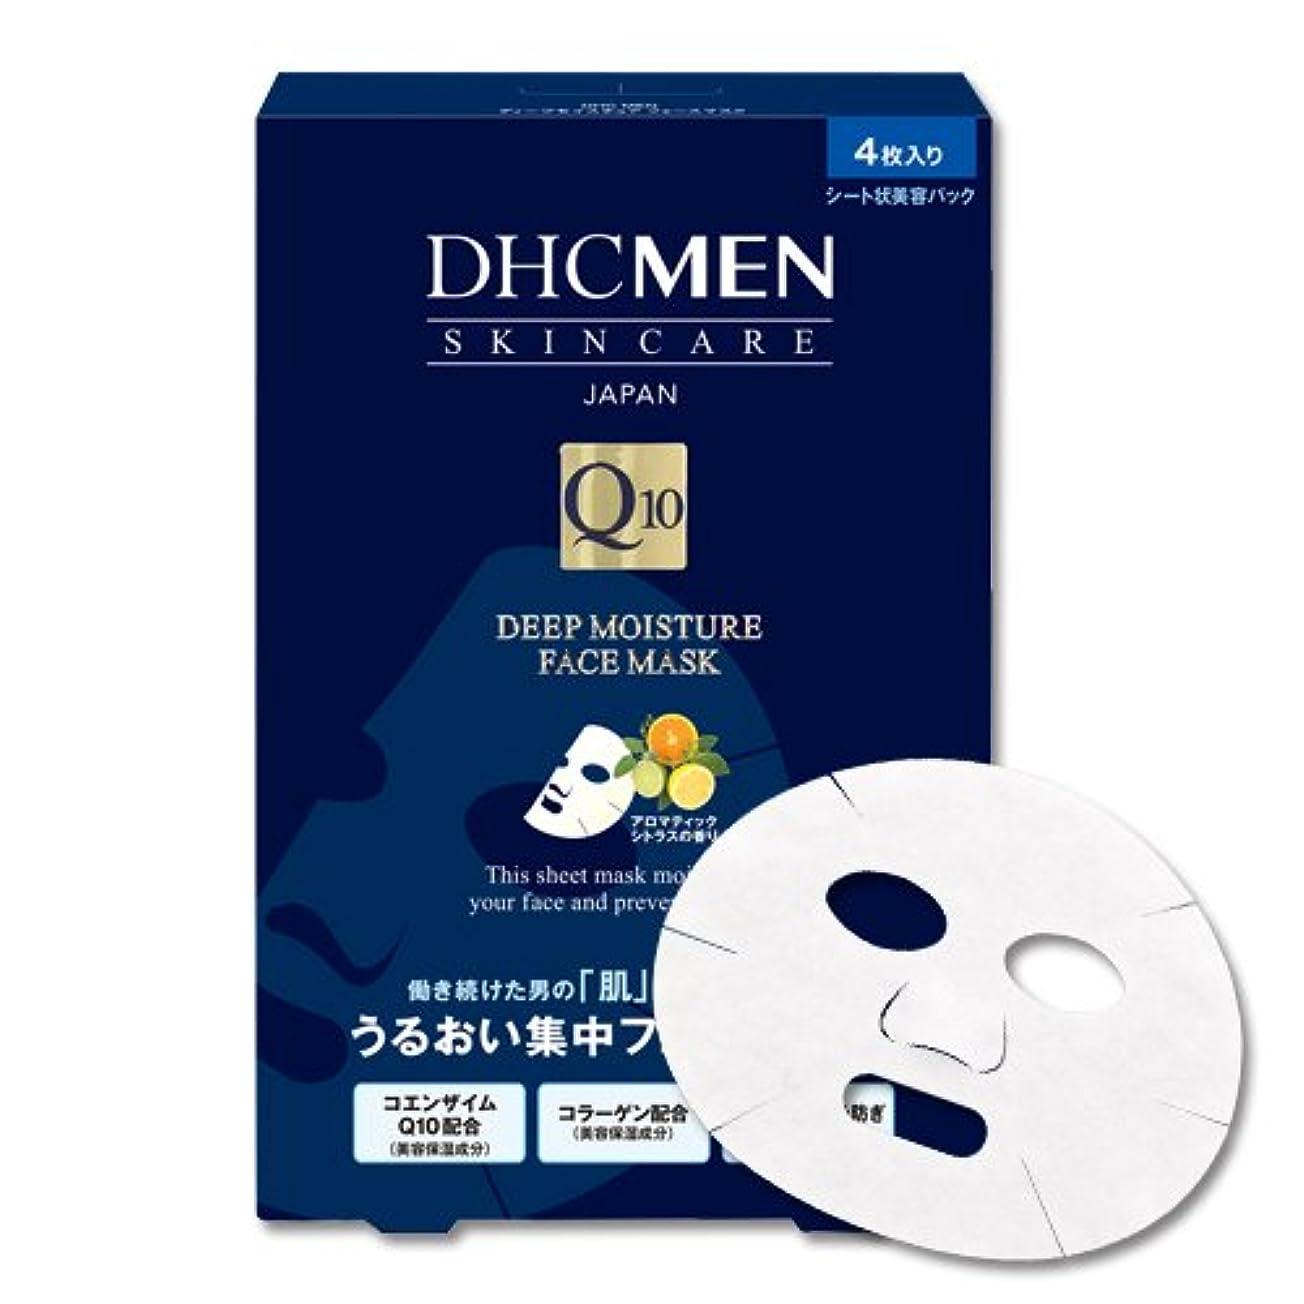 アヒルバンド普及DHC MEN ディープモイスチュア フェースマスク